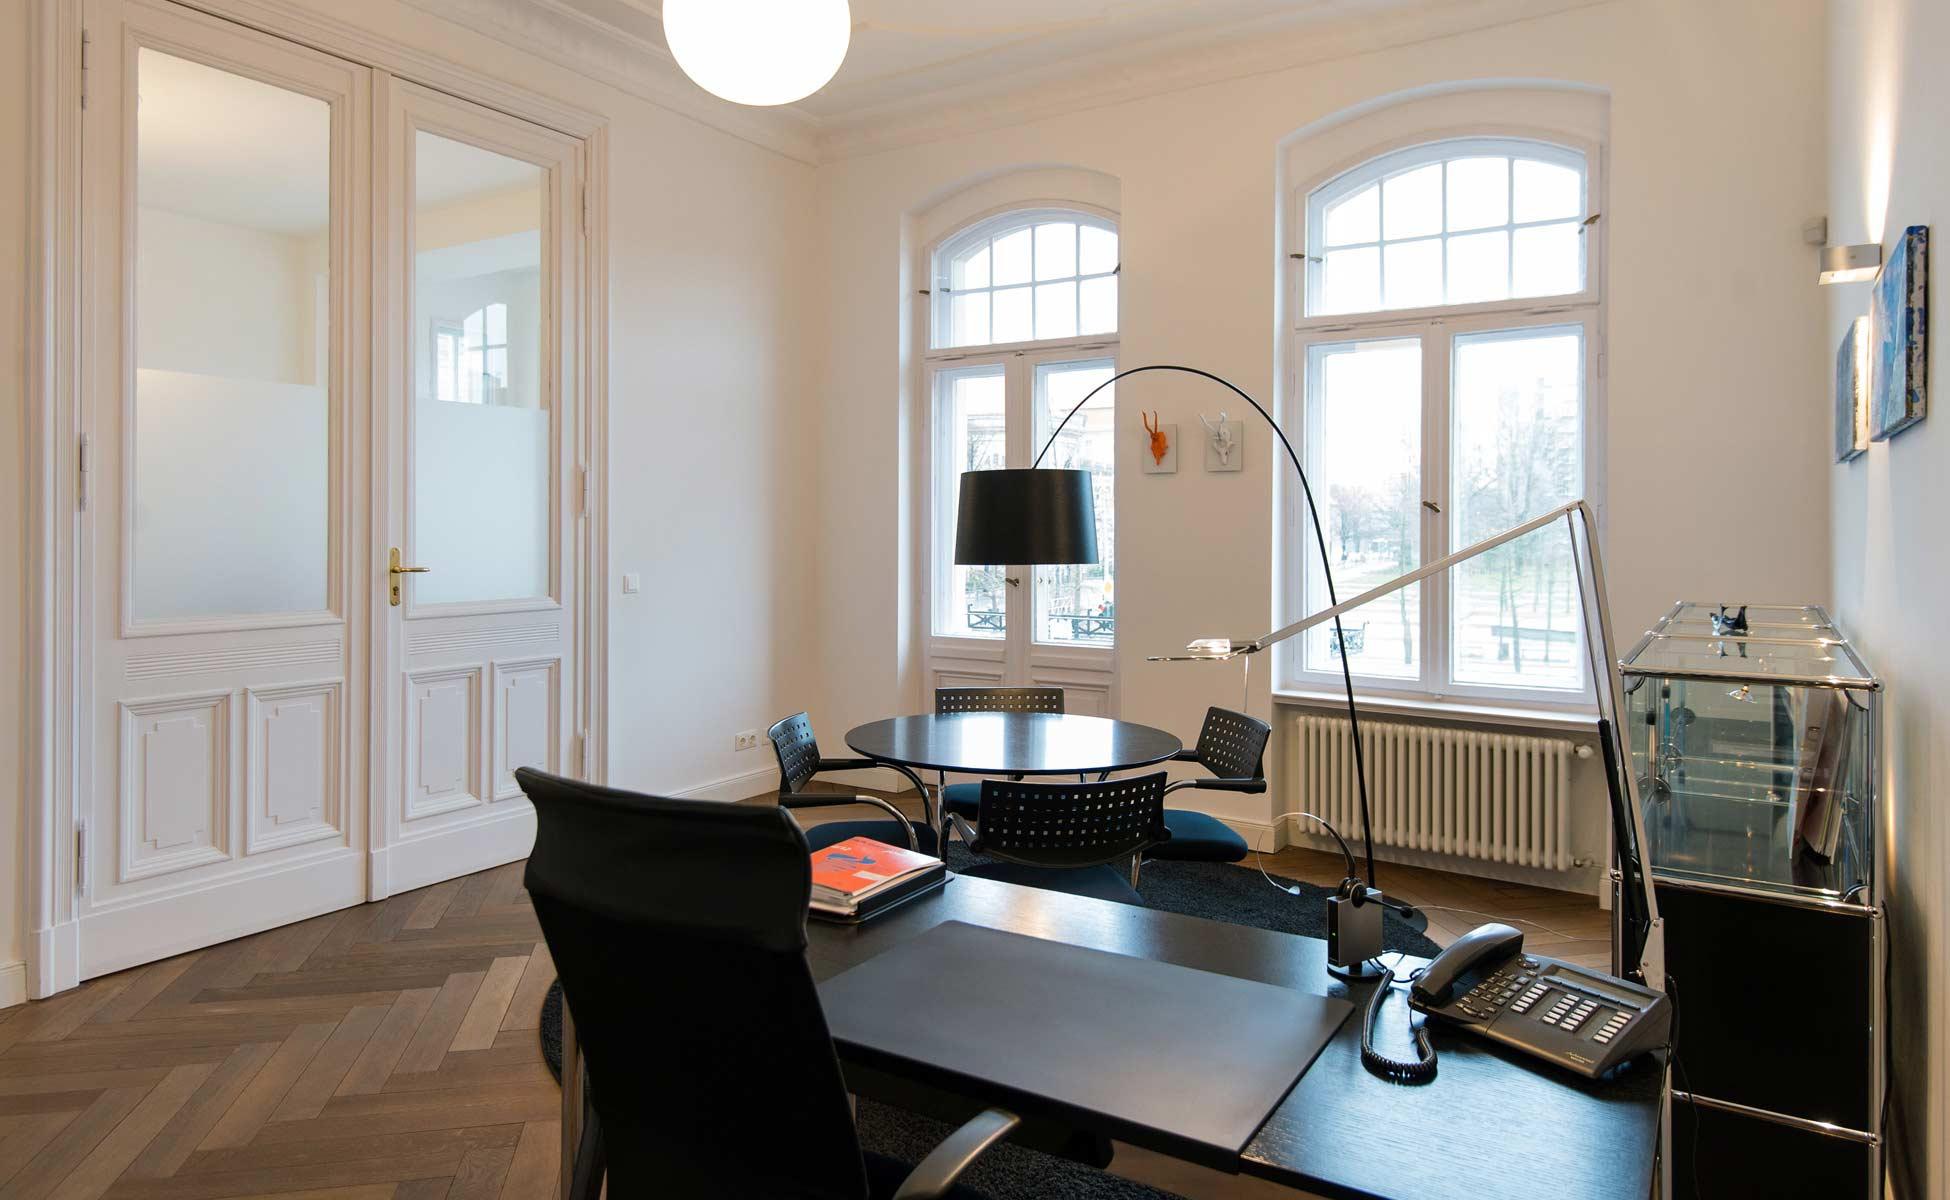 04 usm haller büro von steidten+berlin